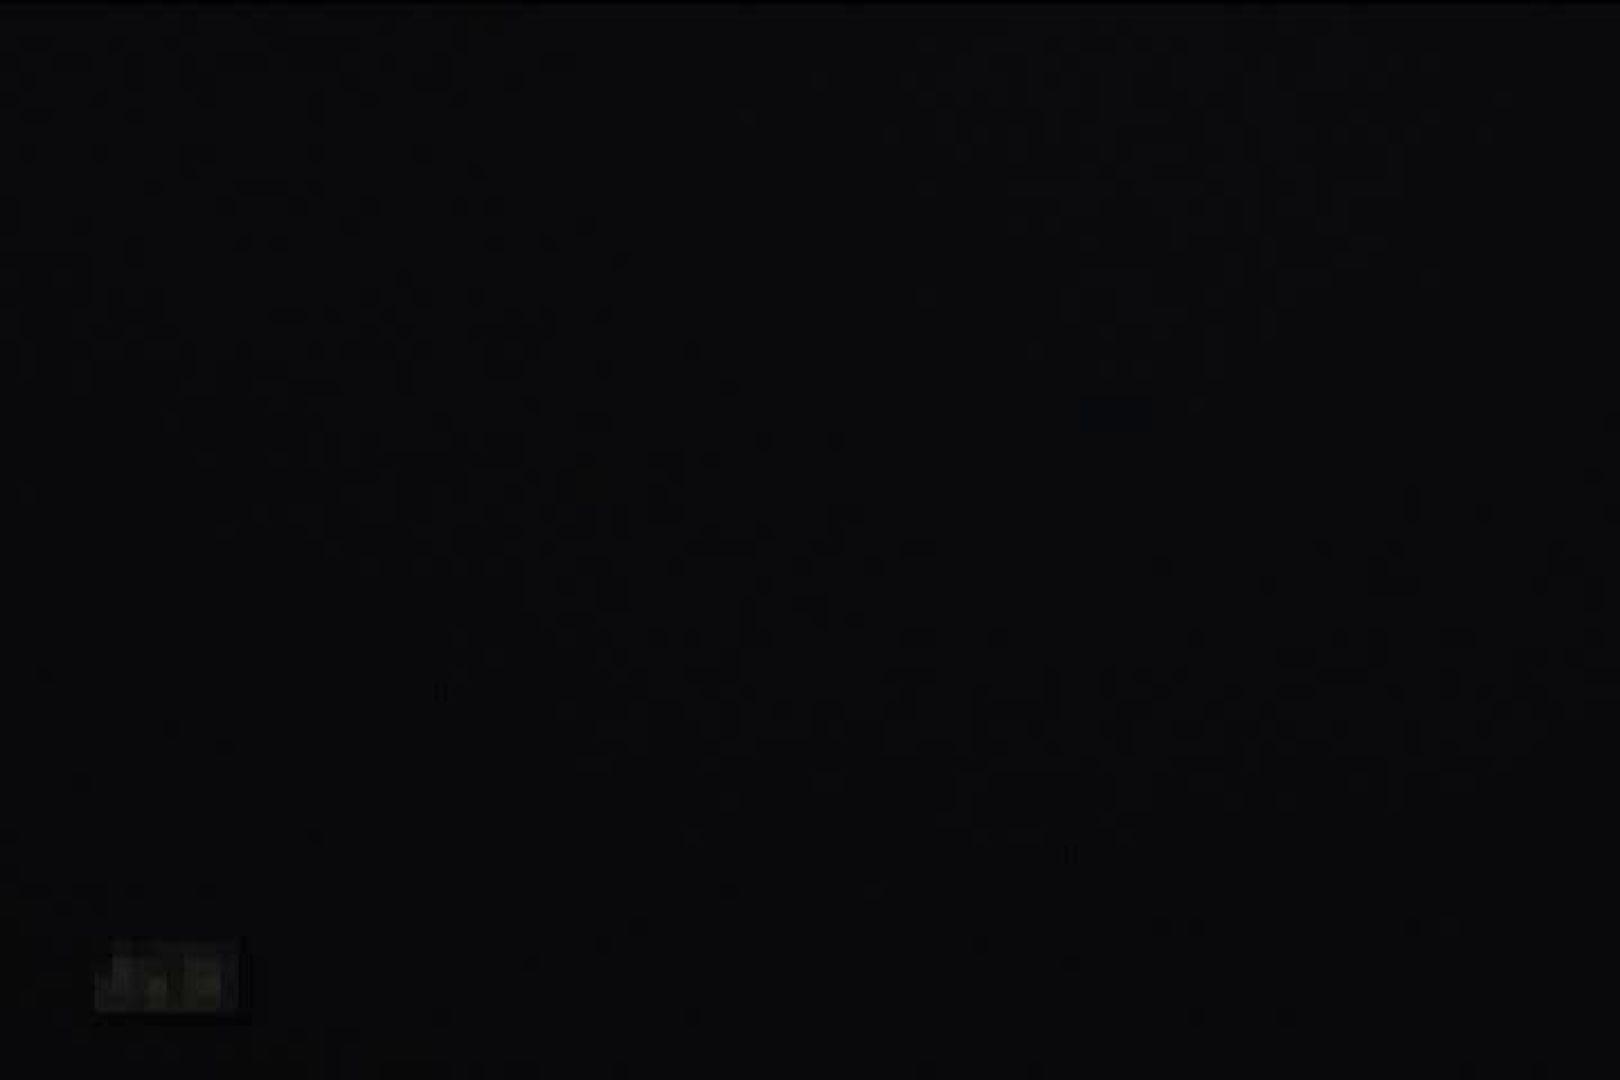 必撮!! チクビっくりVol.8 乳首 覗きオメコ動画キャプチャ 102pic 70